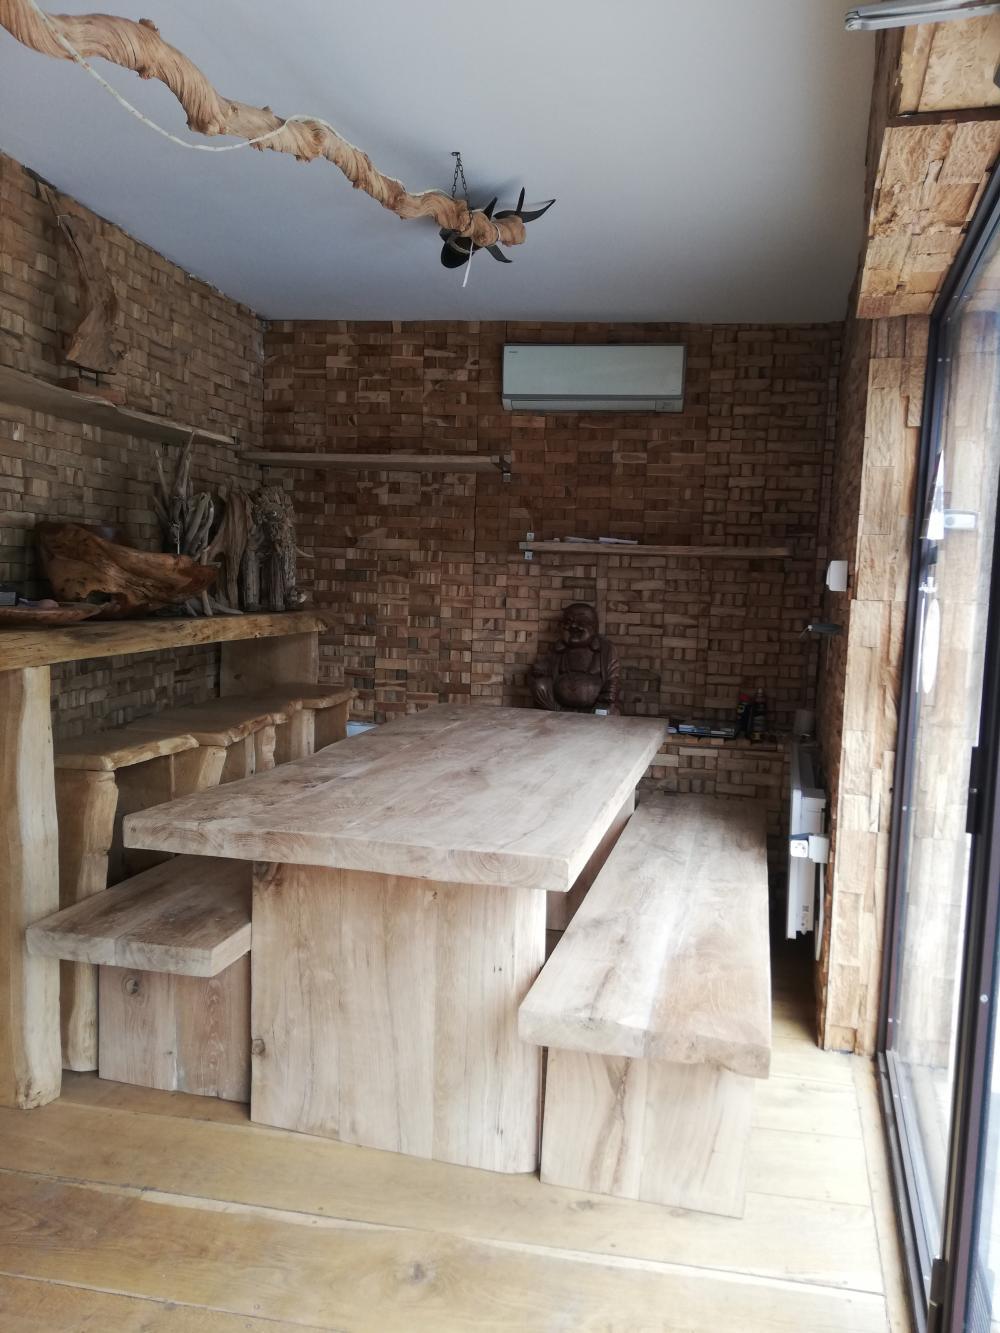 Ensemble table et banc en vieux chêne de Bourgogne massif – 2300.00€